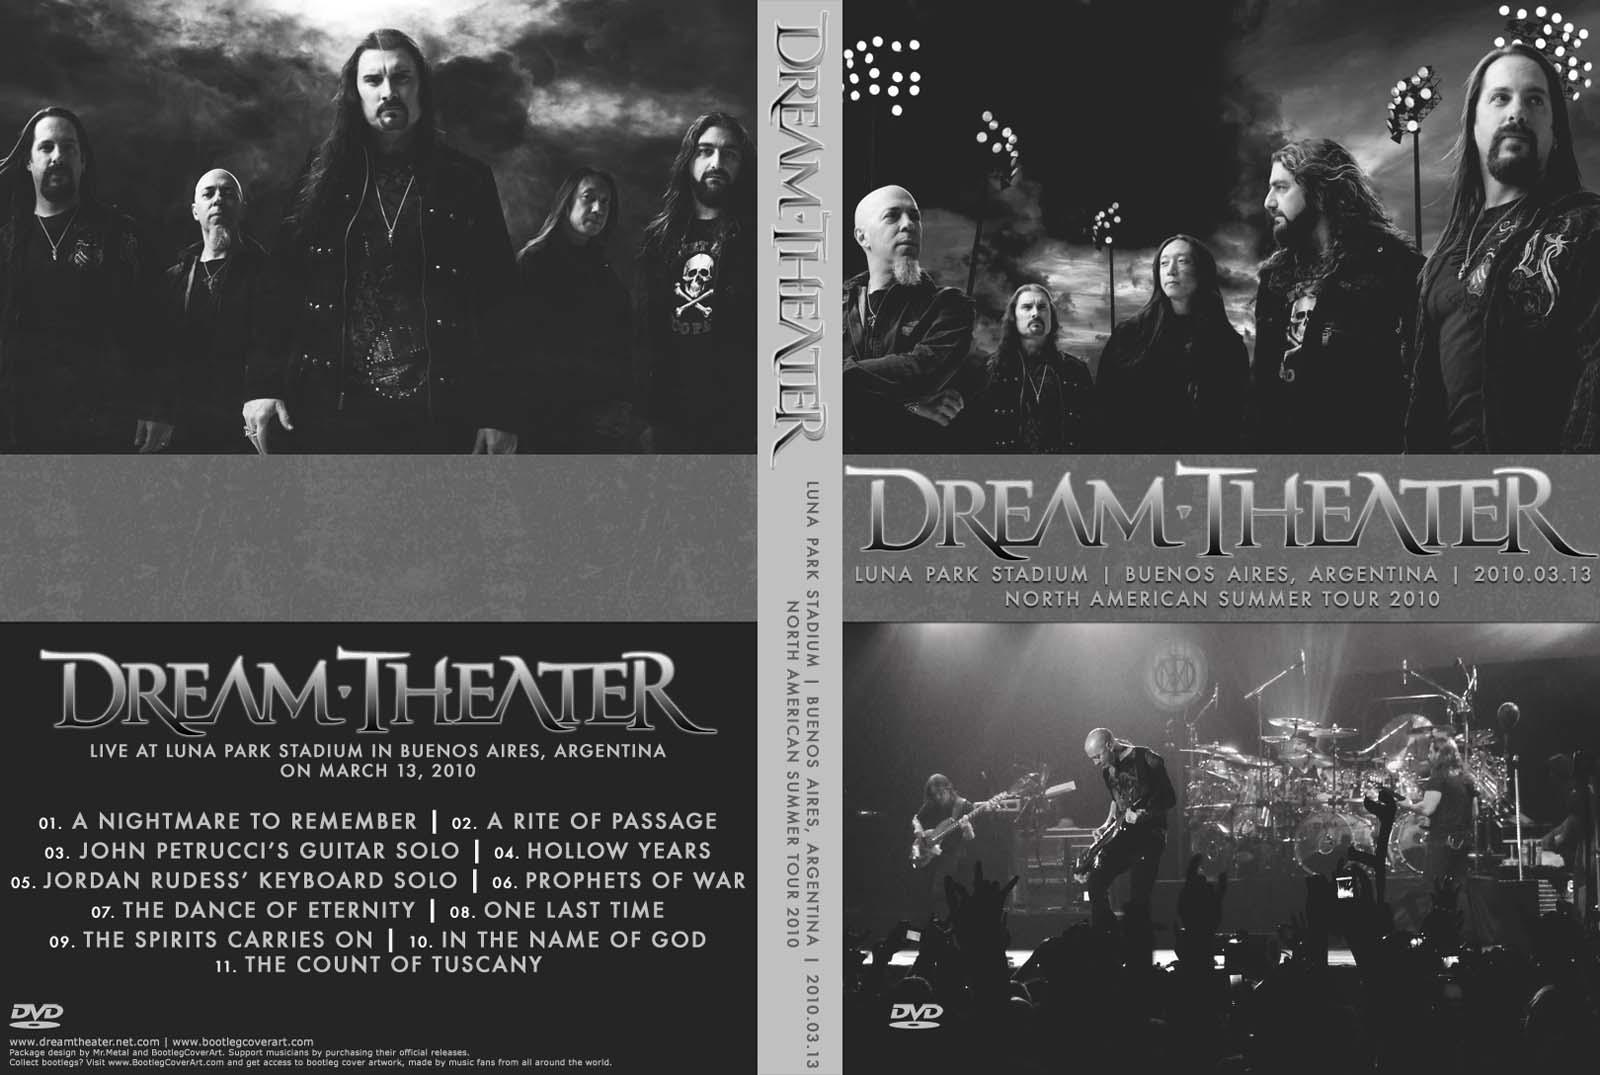 http://4.bp.blogspot.com/_j92JYU6EuQY/TUxnnLTUBGI/AAAAAAAACQo/ExhRghZXZnI/s1600/DVD+Cover+-+DreamTheater_2010-03-13_BuenosAiresArgentina.jpg